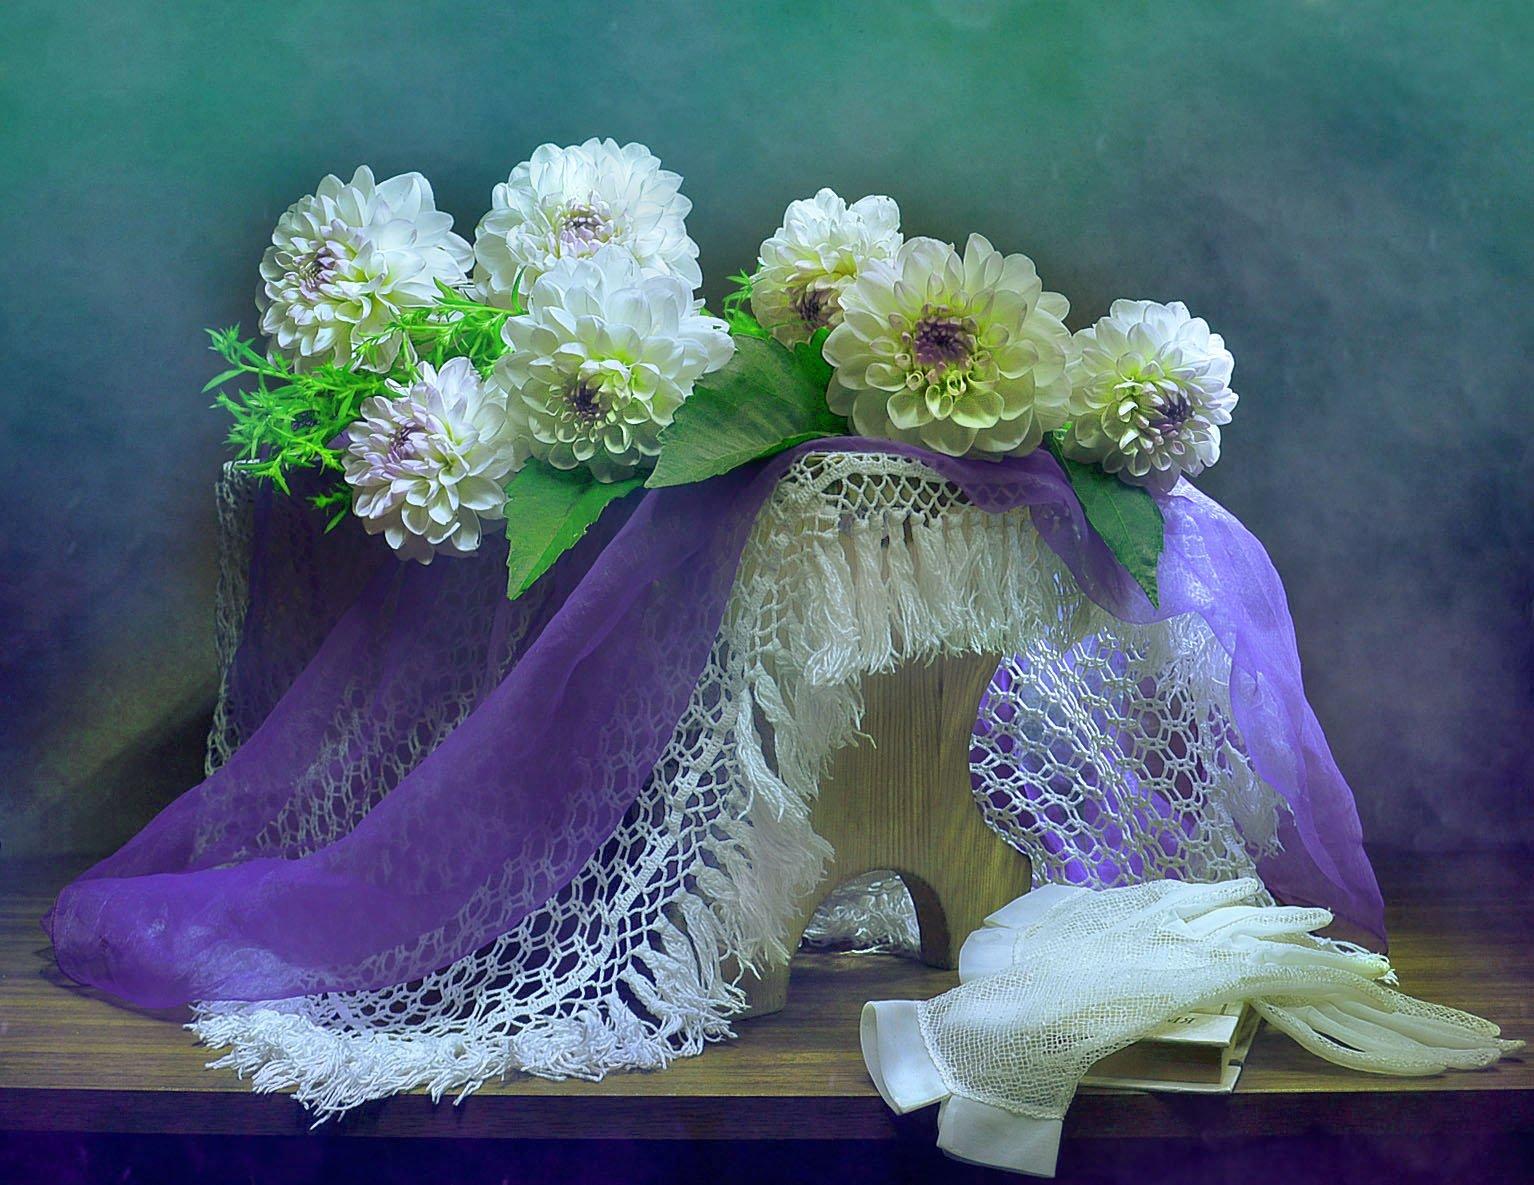 still life, натюрморт,былое,  воспоминание, георгины, книга, настроение, перчатки, стихи, цветы, эвелин, Колова Валентина